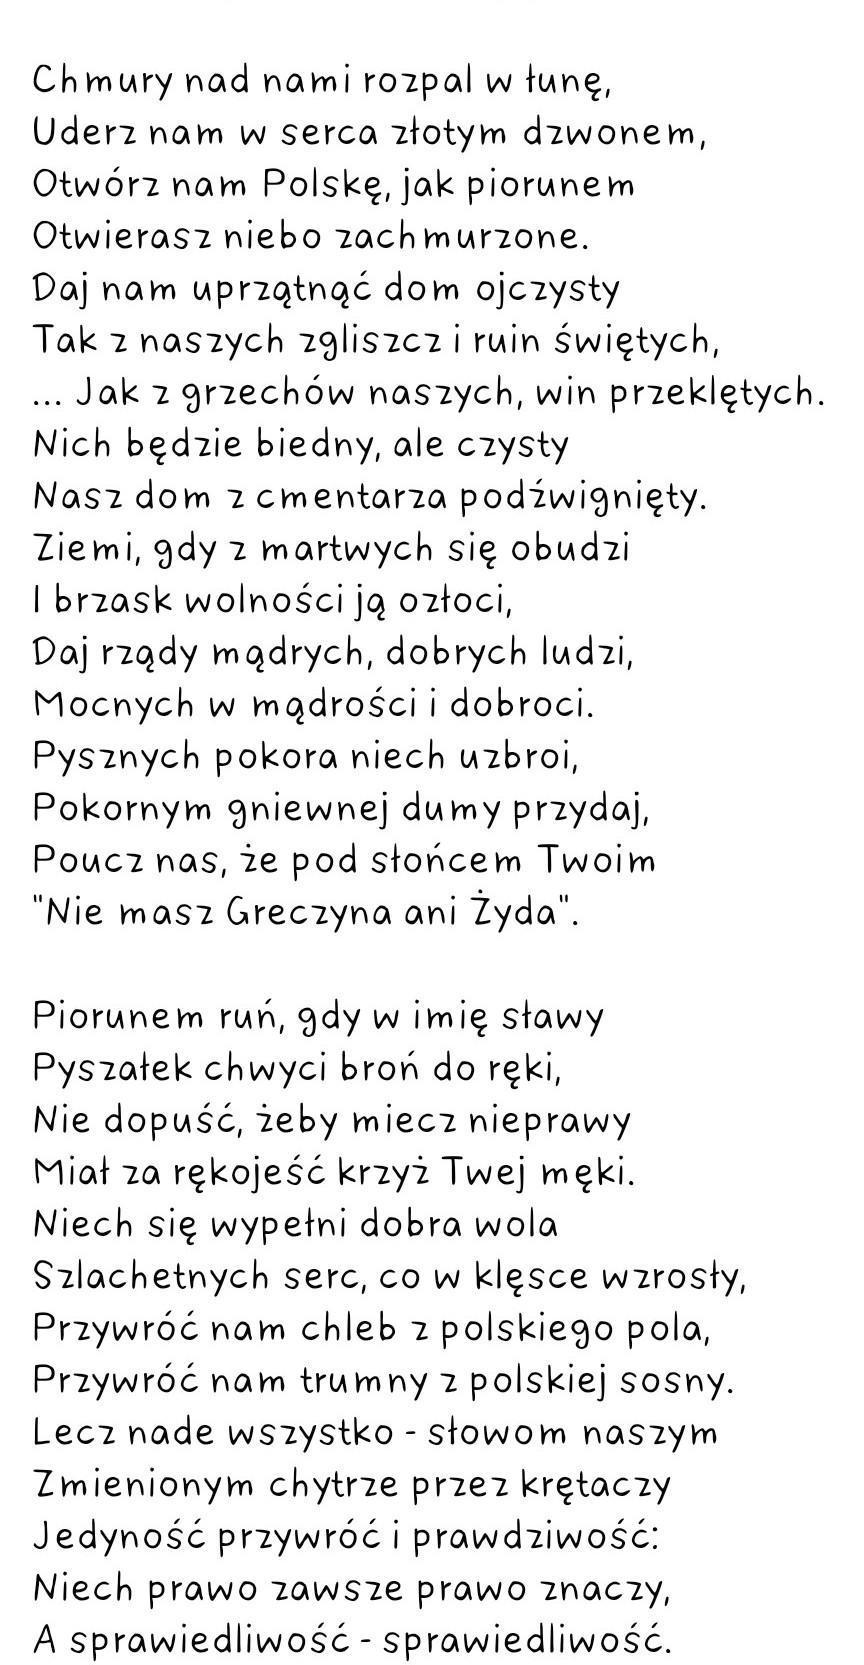 Dam 83p Ale Bez Dziwnych Odp I Szybkojuliusz Tuwim Modlitwa Fragment Poematu Kwiaty Polskie 1zad Brainly Pl